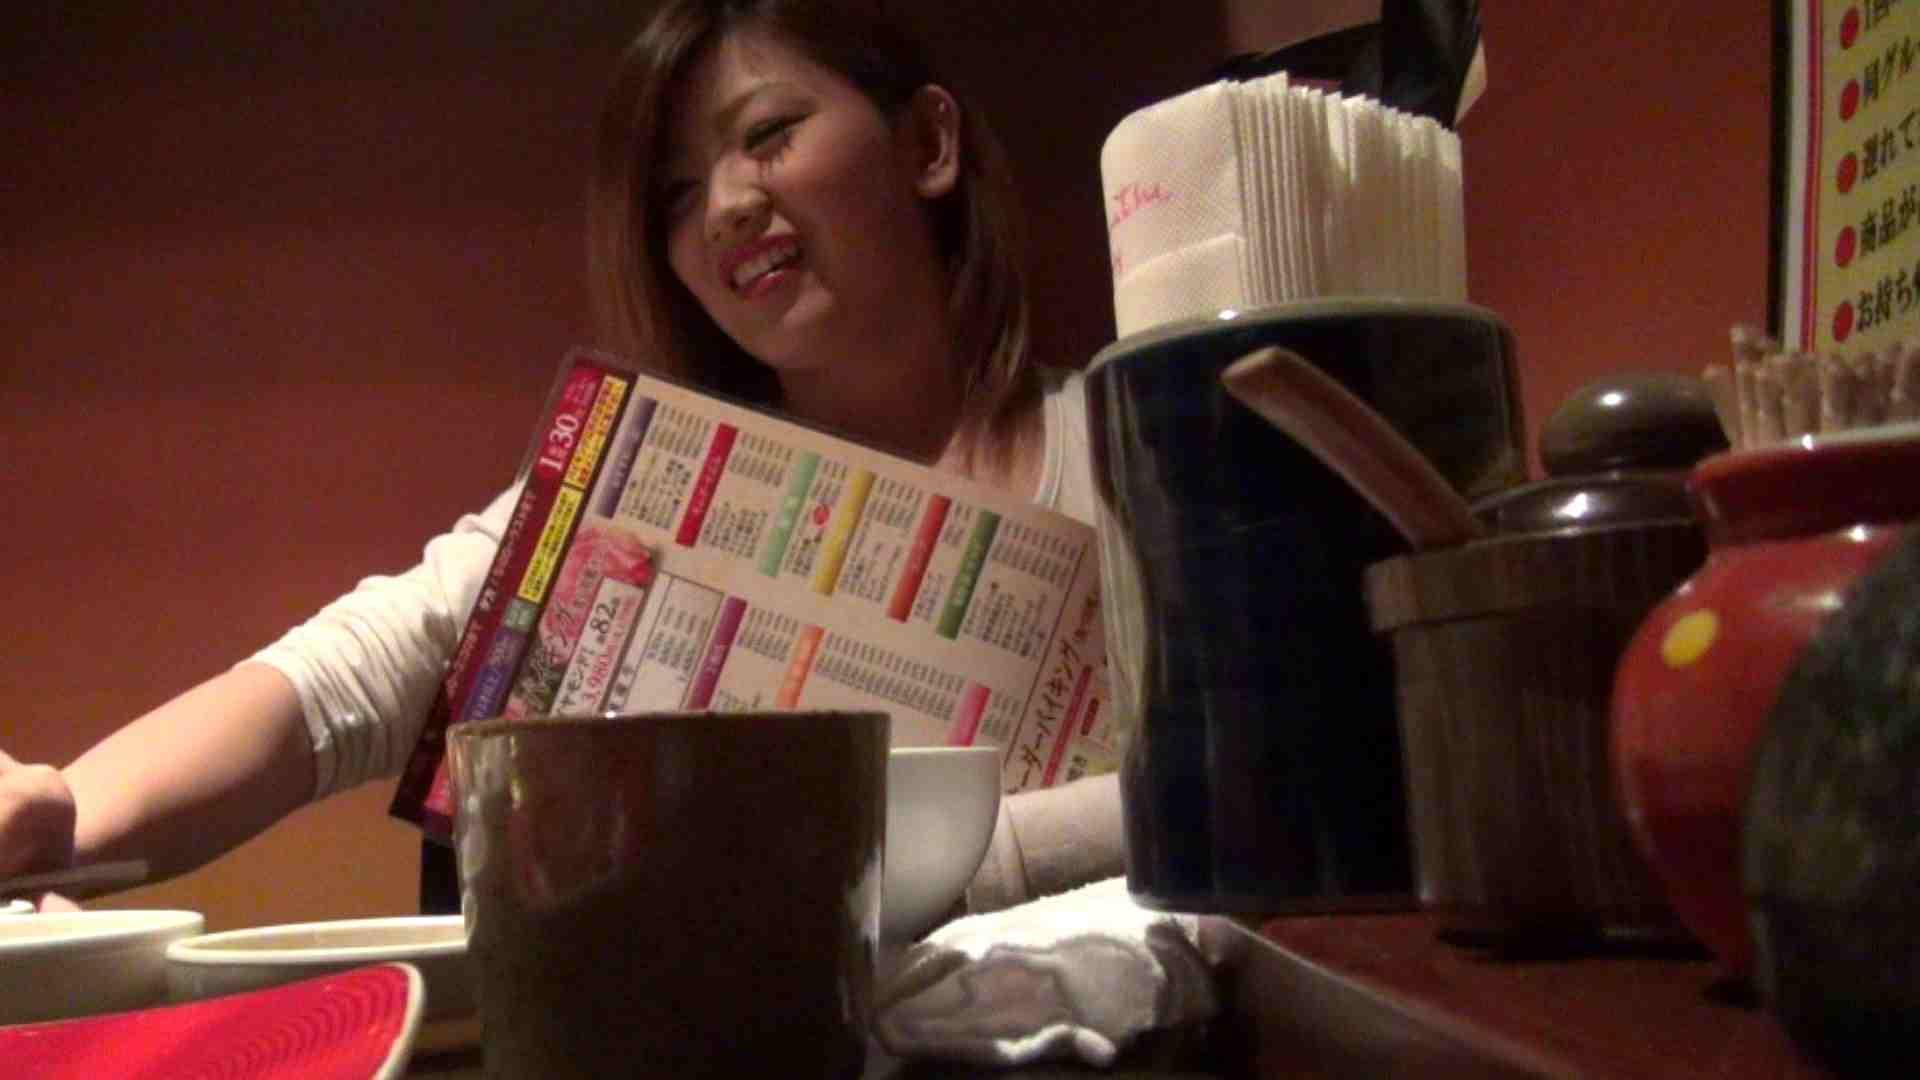 【出会い01】大助さんMちゃんと食事会 悪戯 AV動画キャプチャ 54枚